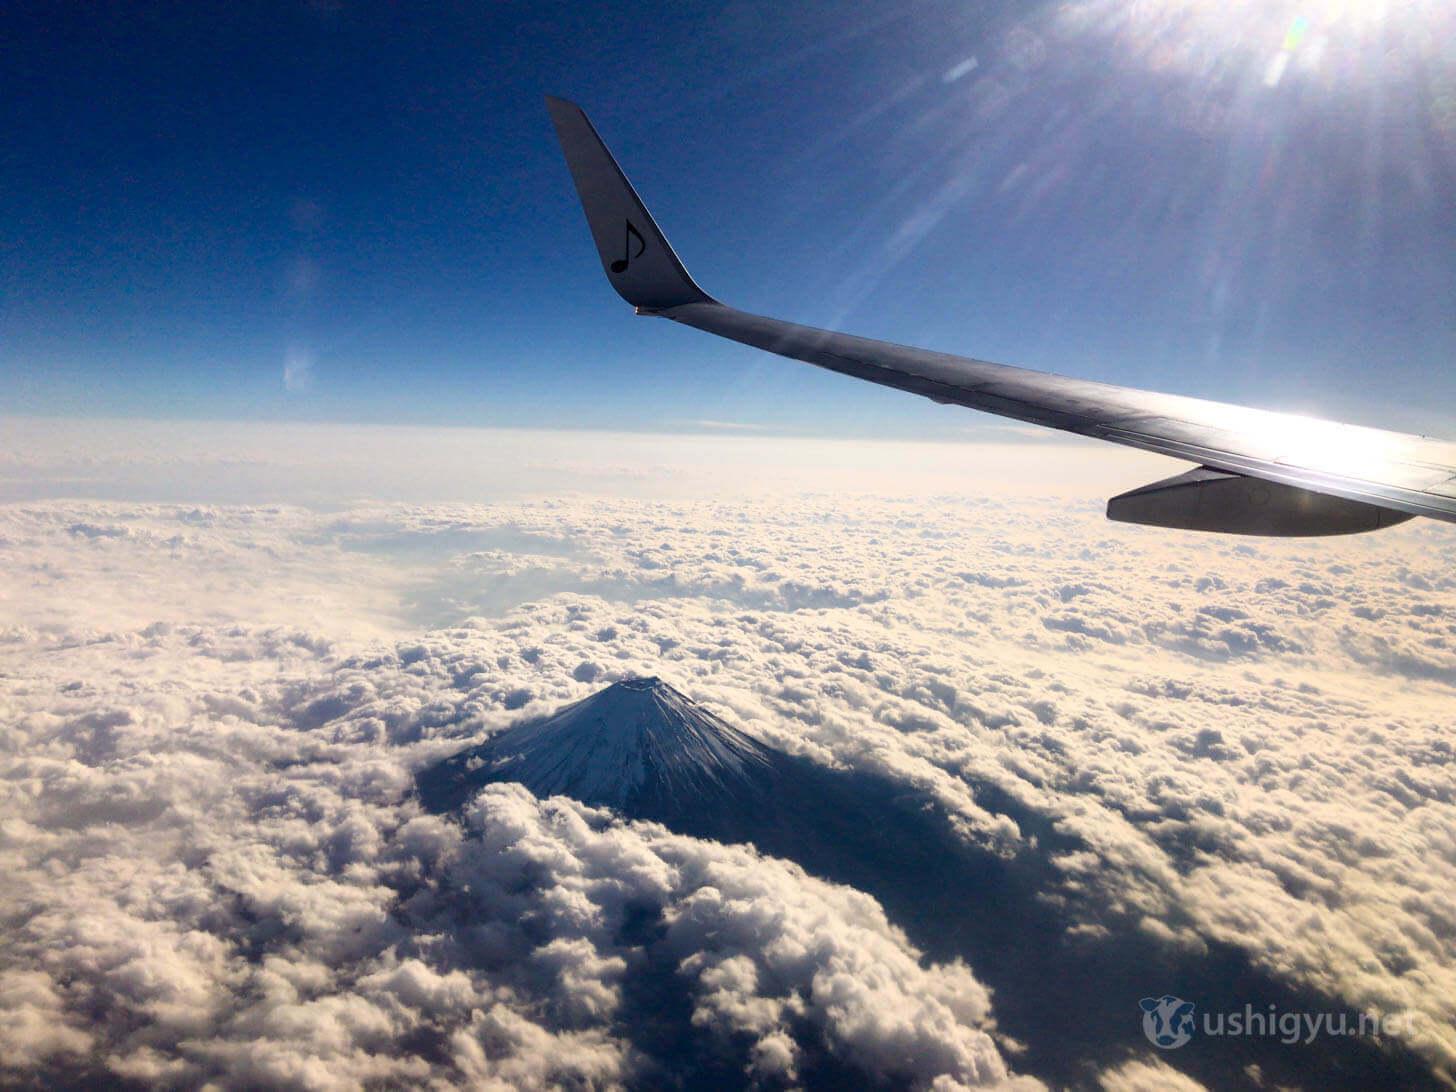 福岡-東京間の交通機関は、どれを選べばいい?飛行機・ツアー・新幹線